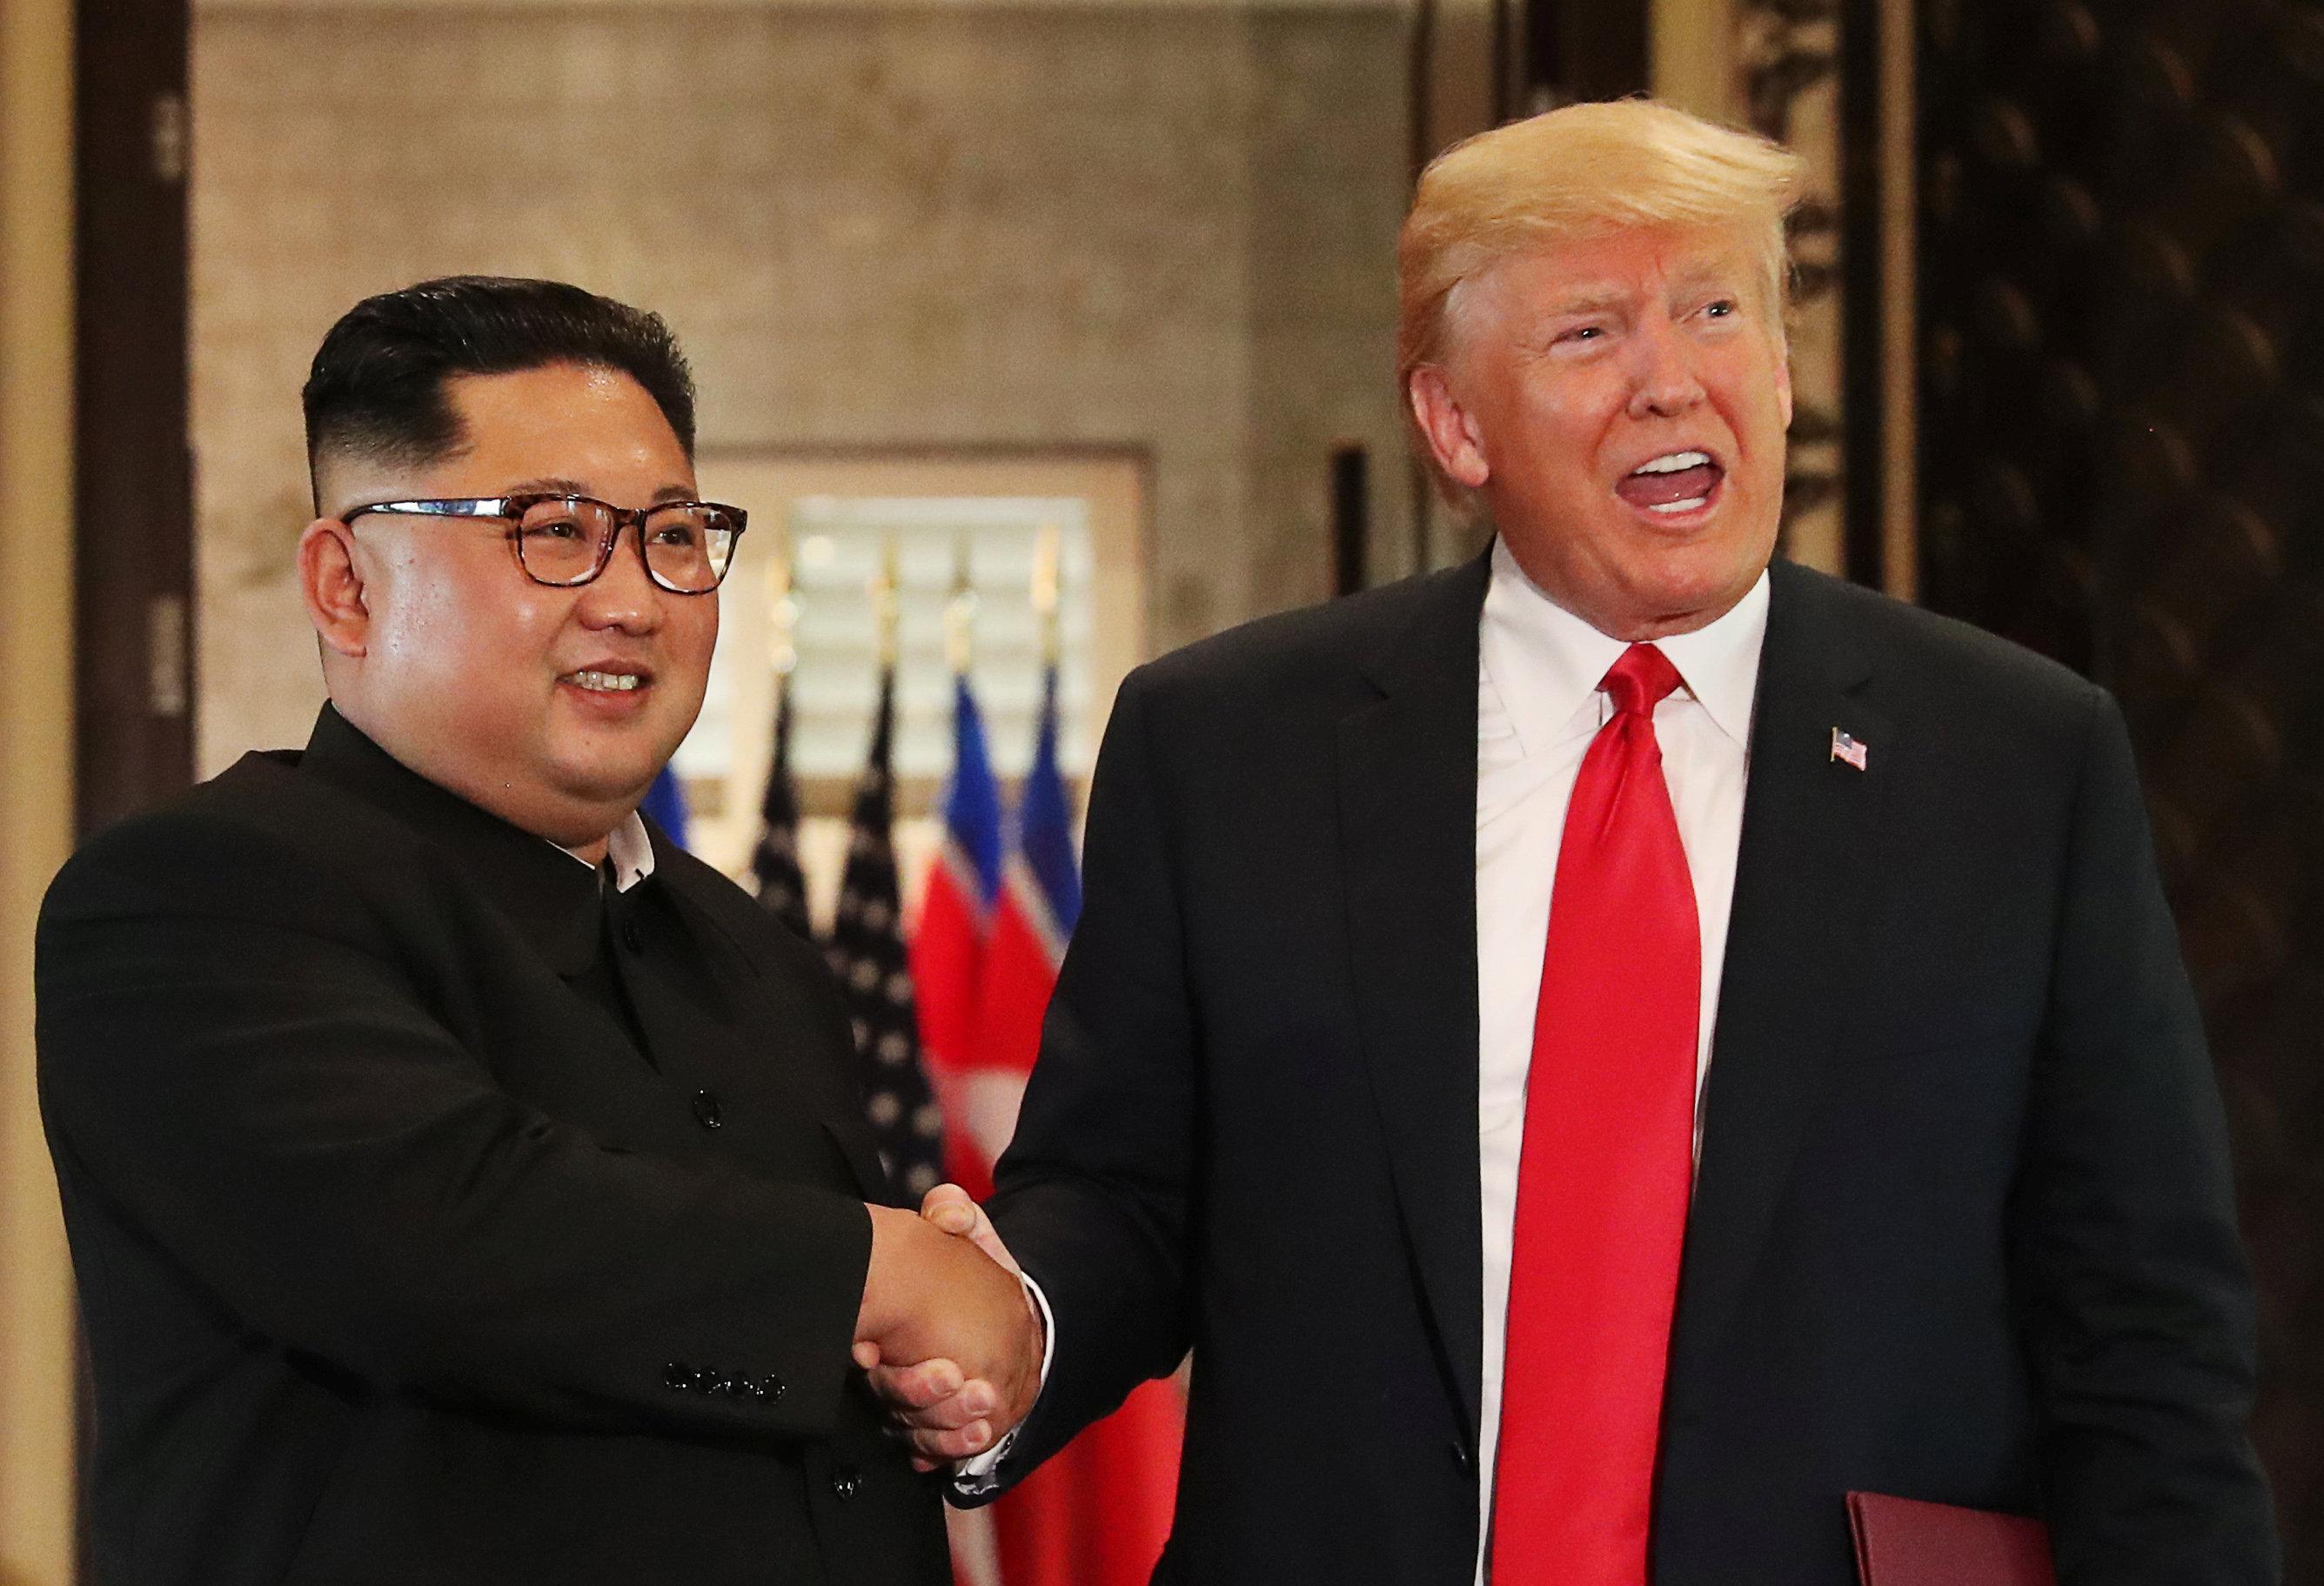 Η Κίνα λέει ότι θα μπορούσε να ληφθεί υπόψη η ανακούφιση από τις κυρώσεις στη Βόρεια Κορέα